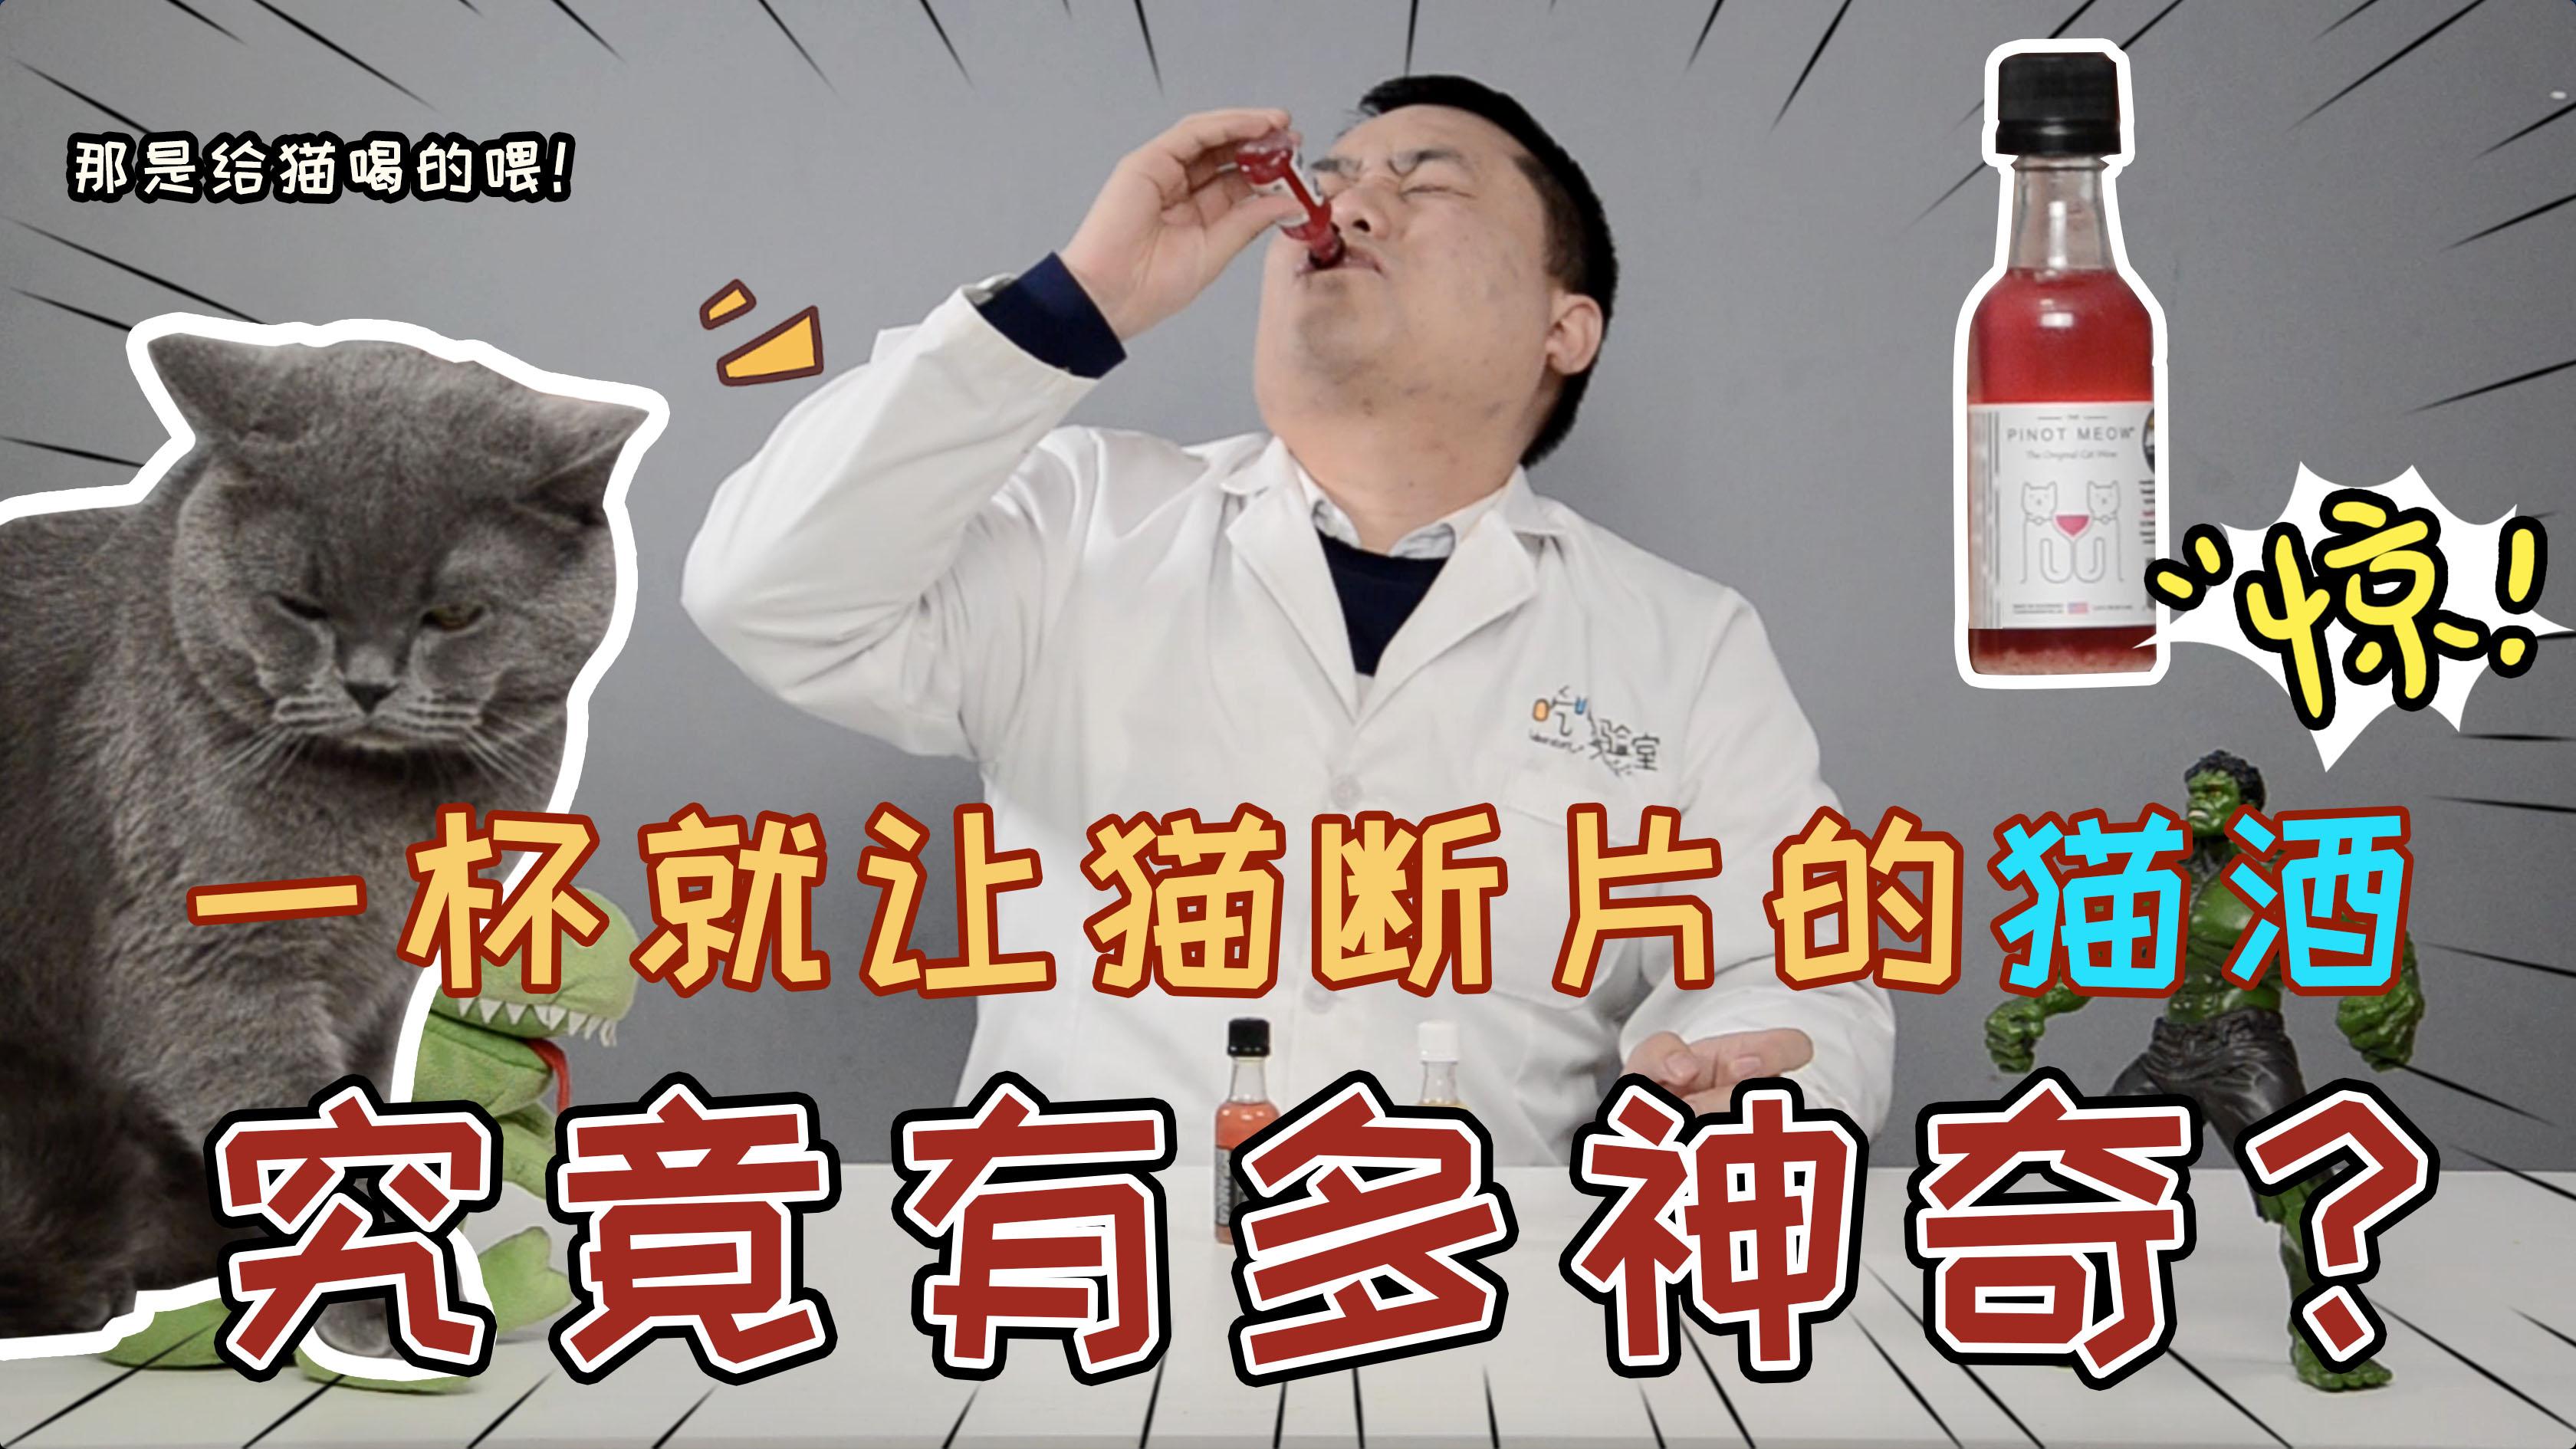 试喝一杯就让猫咪断片的神秘猫酒,究竟是什么味道?